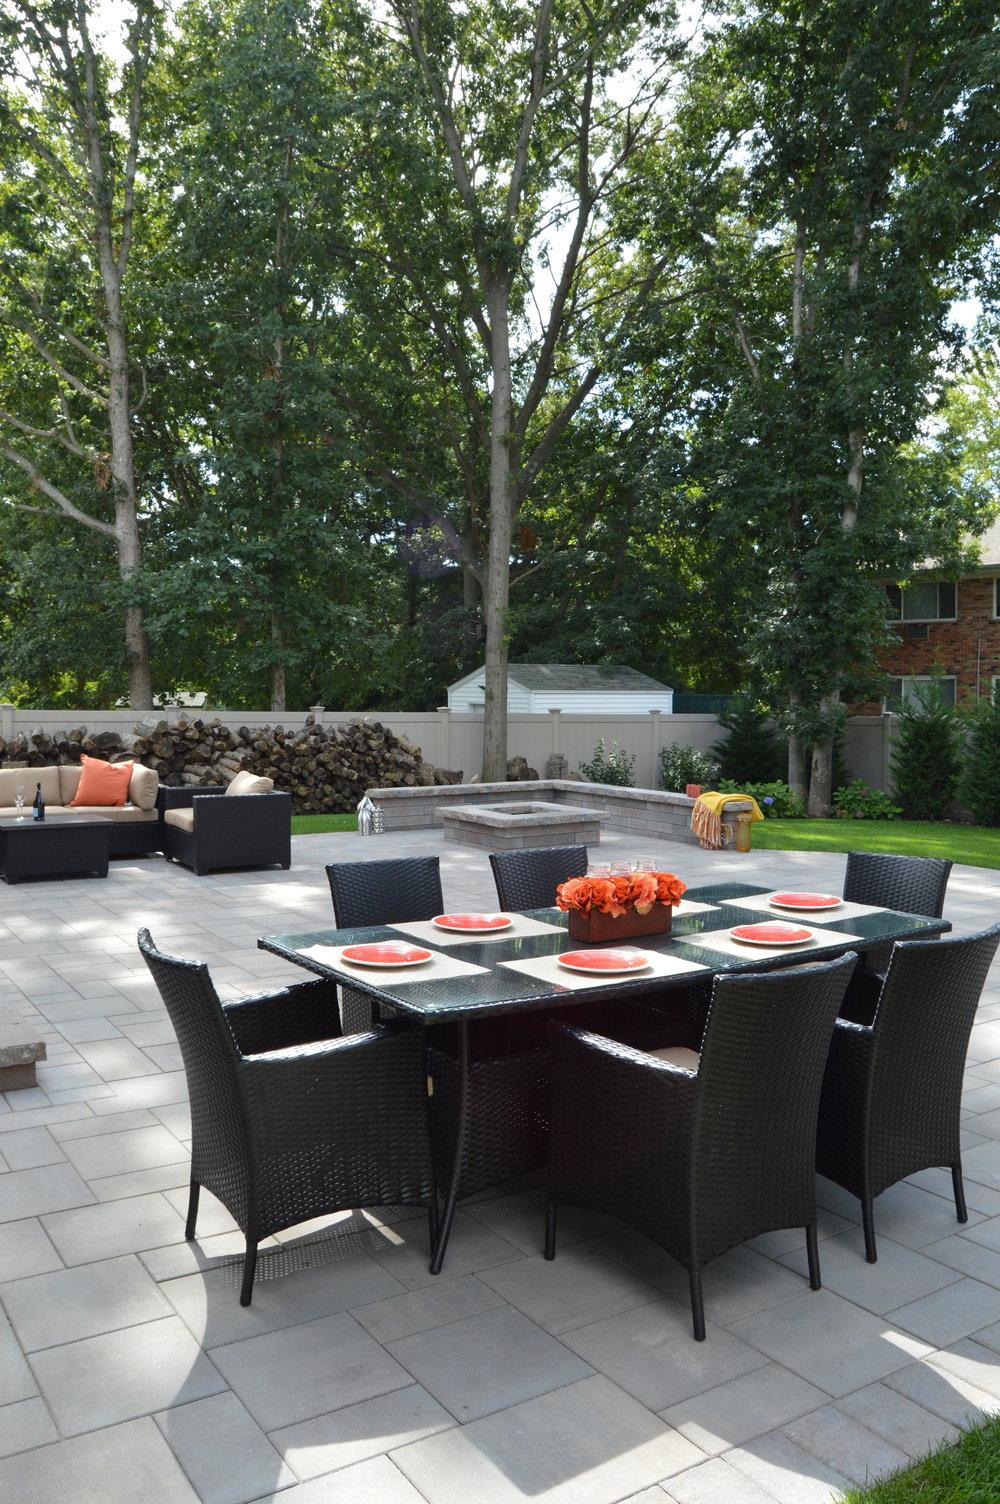 Nesconset, NY outdoor dining area